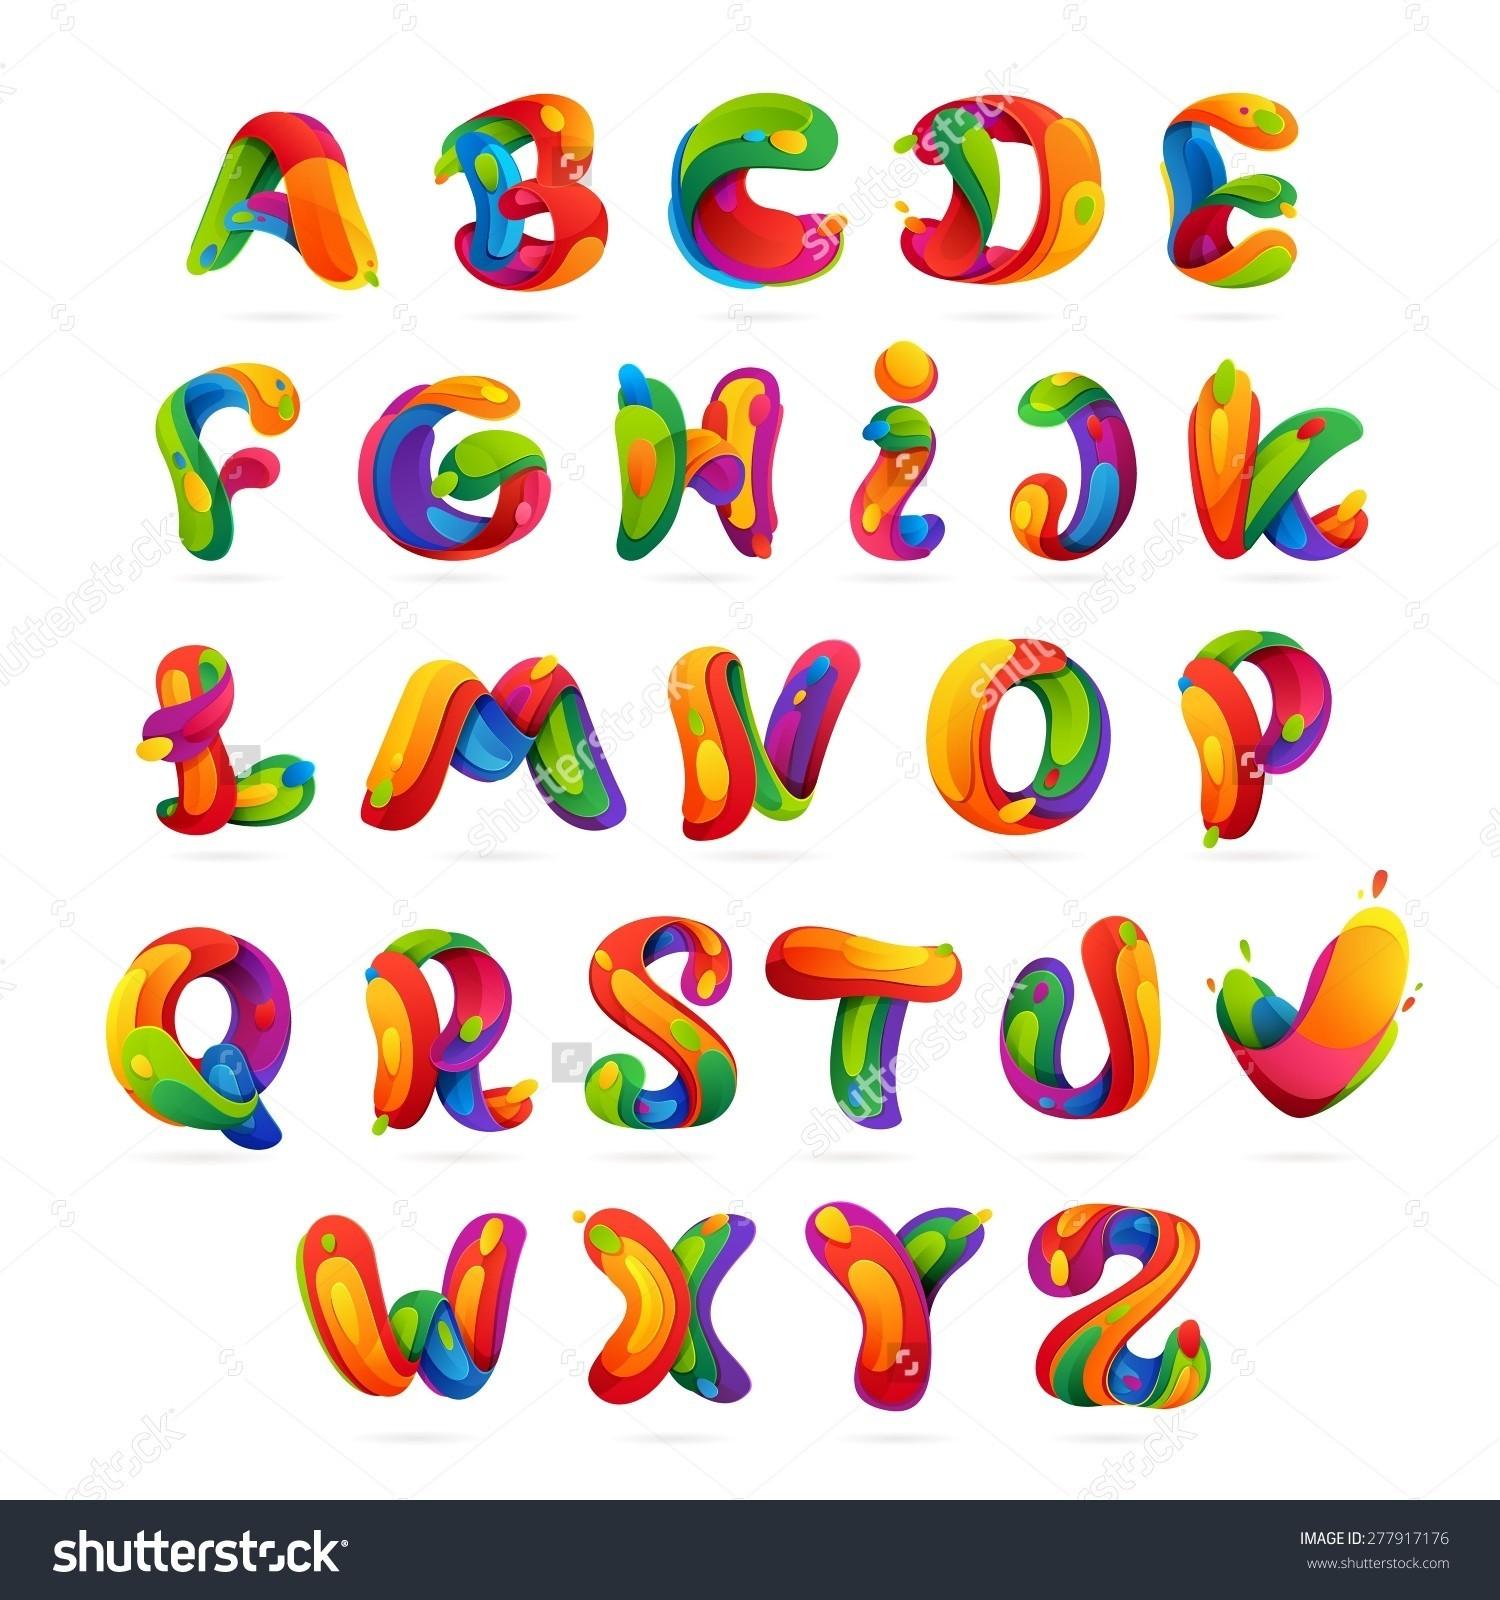 Alphabet clipart printable. Alphabets fresh cute letters